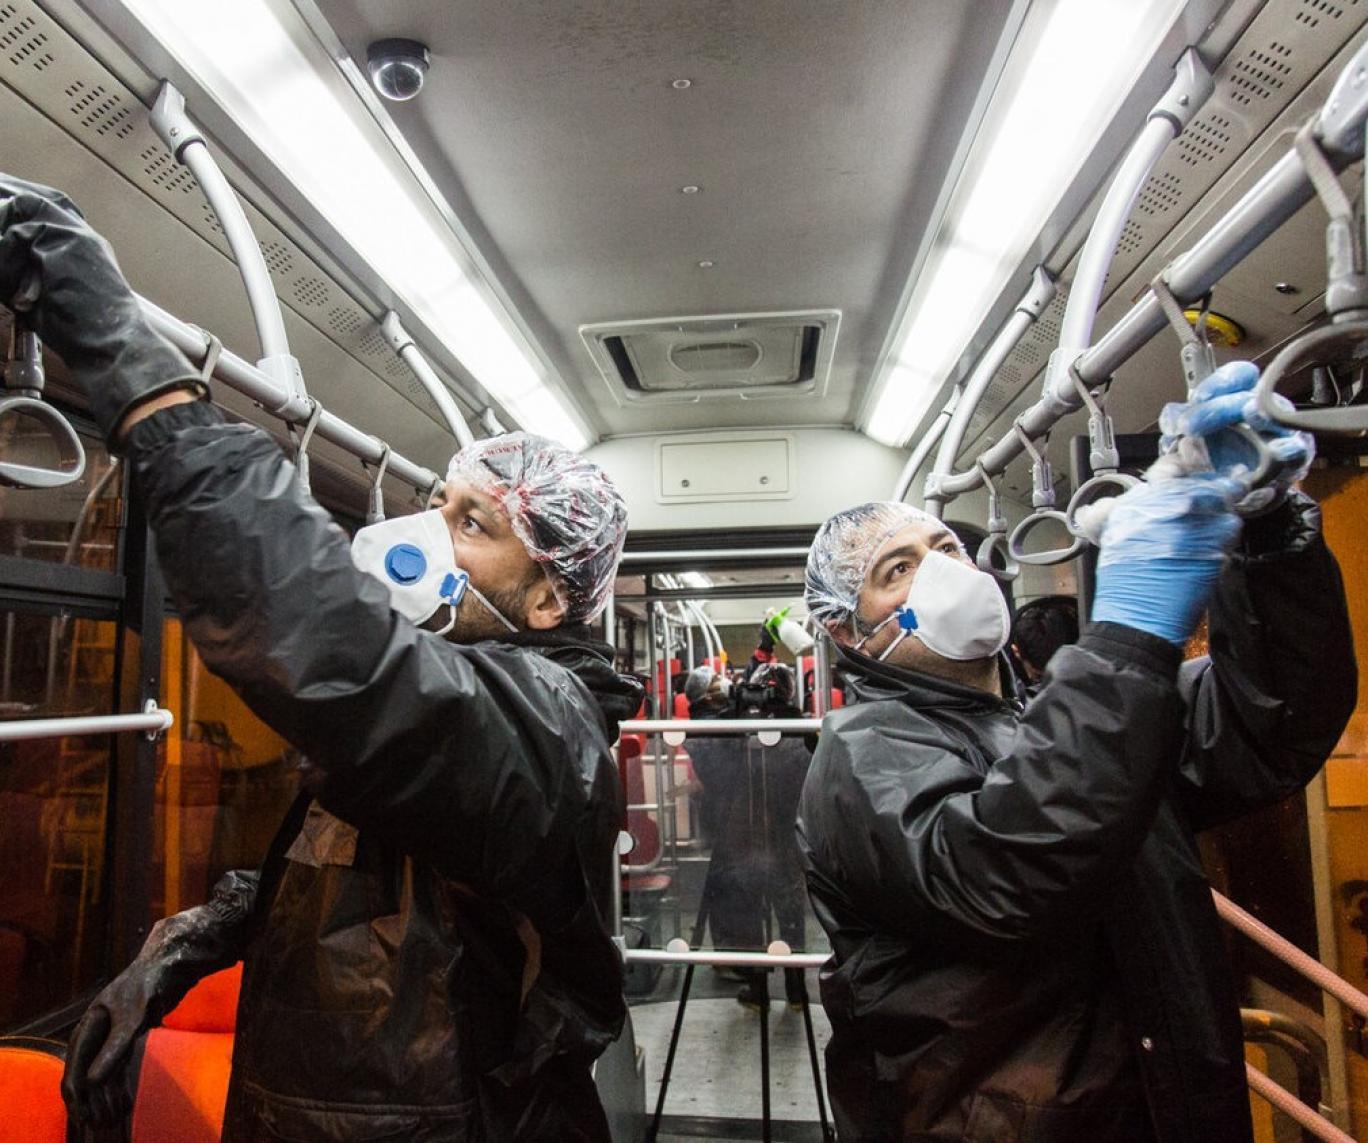 Die Wagen der Teheraner U-Bahn werden desinfiziert